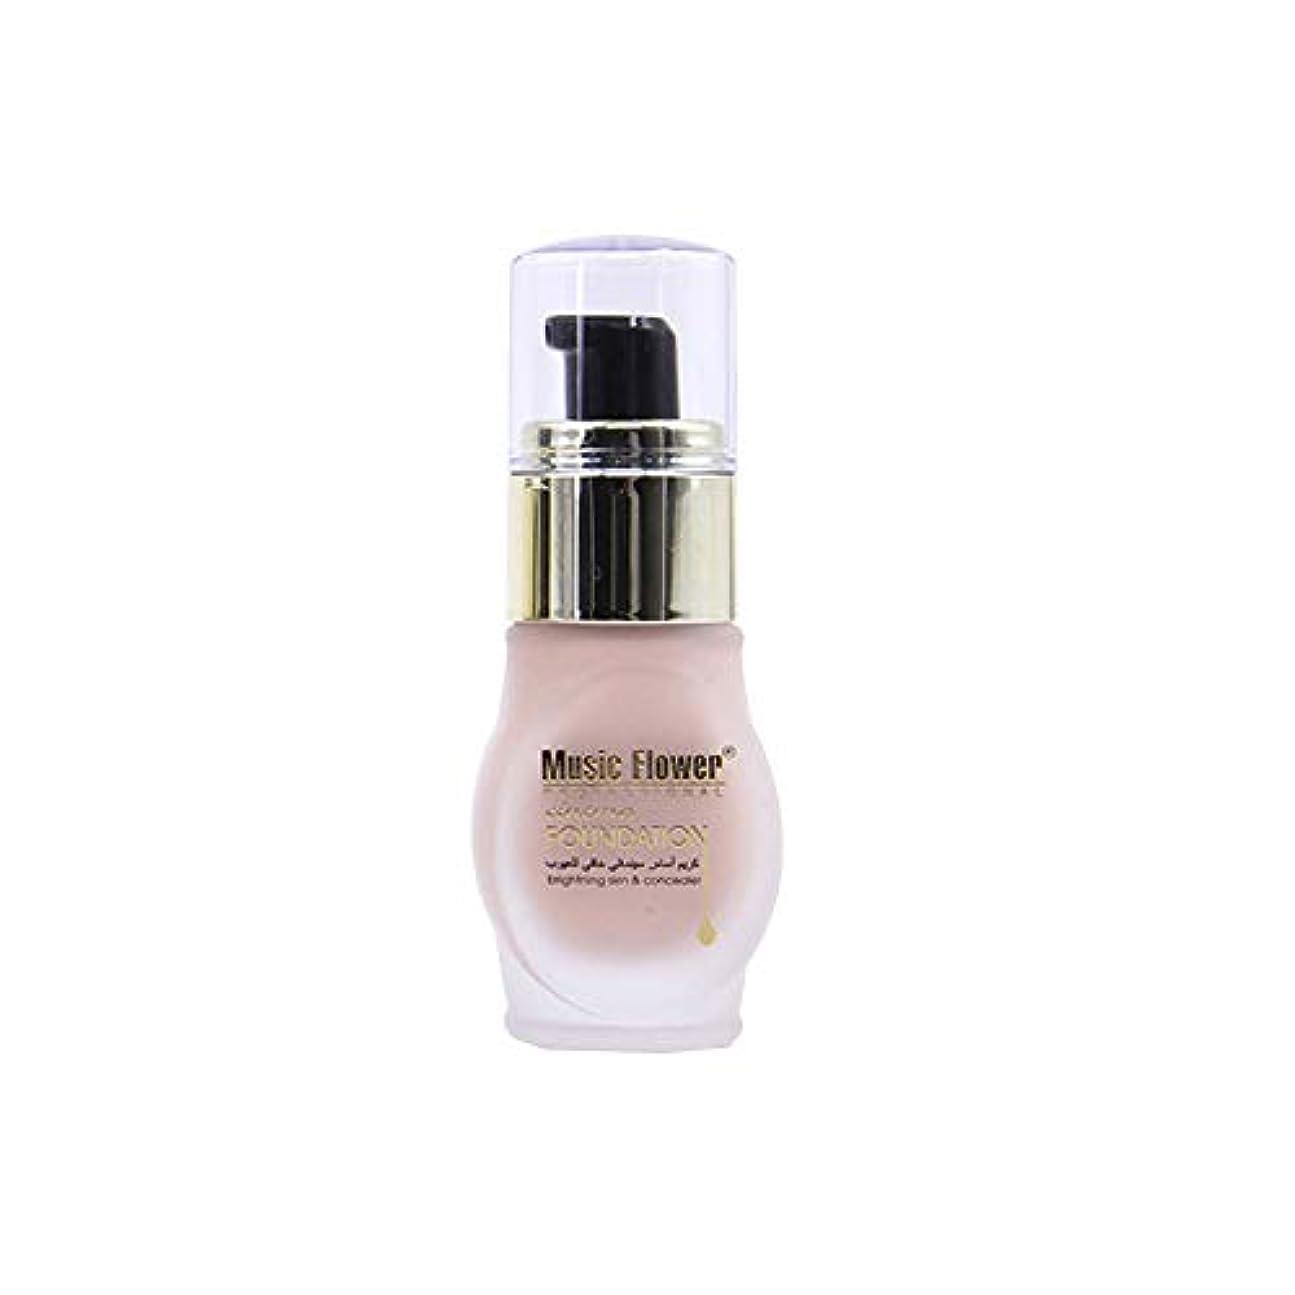 ラウンジテンポ鑑定ビューティー コンシーラー 長続きがする 化粧品 上質 滑らかな風合い 繊細な化粧 自然に見える カバーパーフェクション チップコンシーラー UV対策 裸化粧品